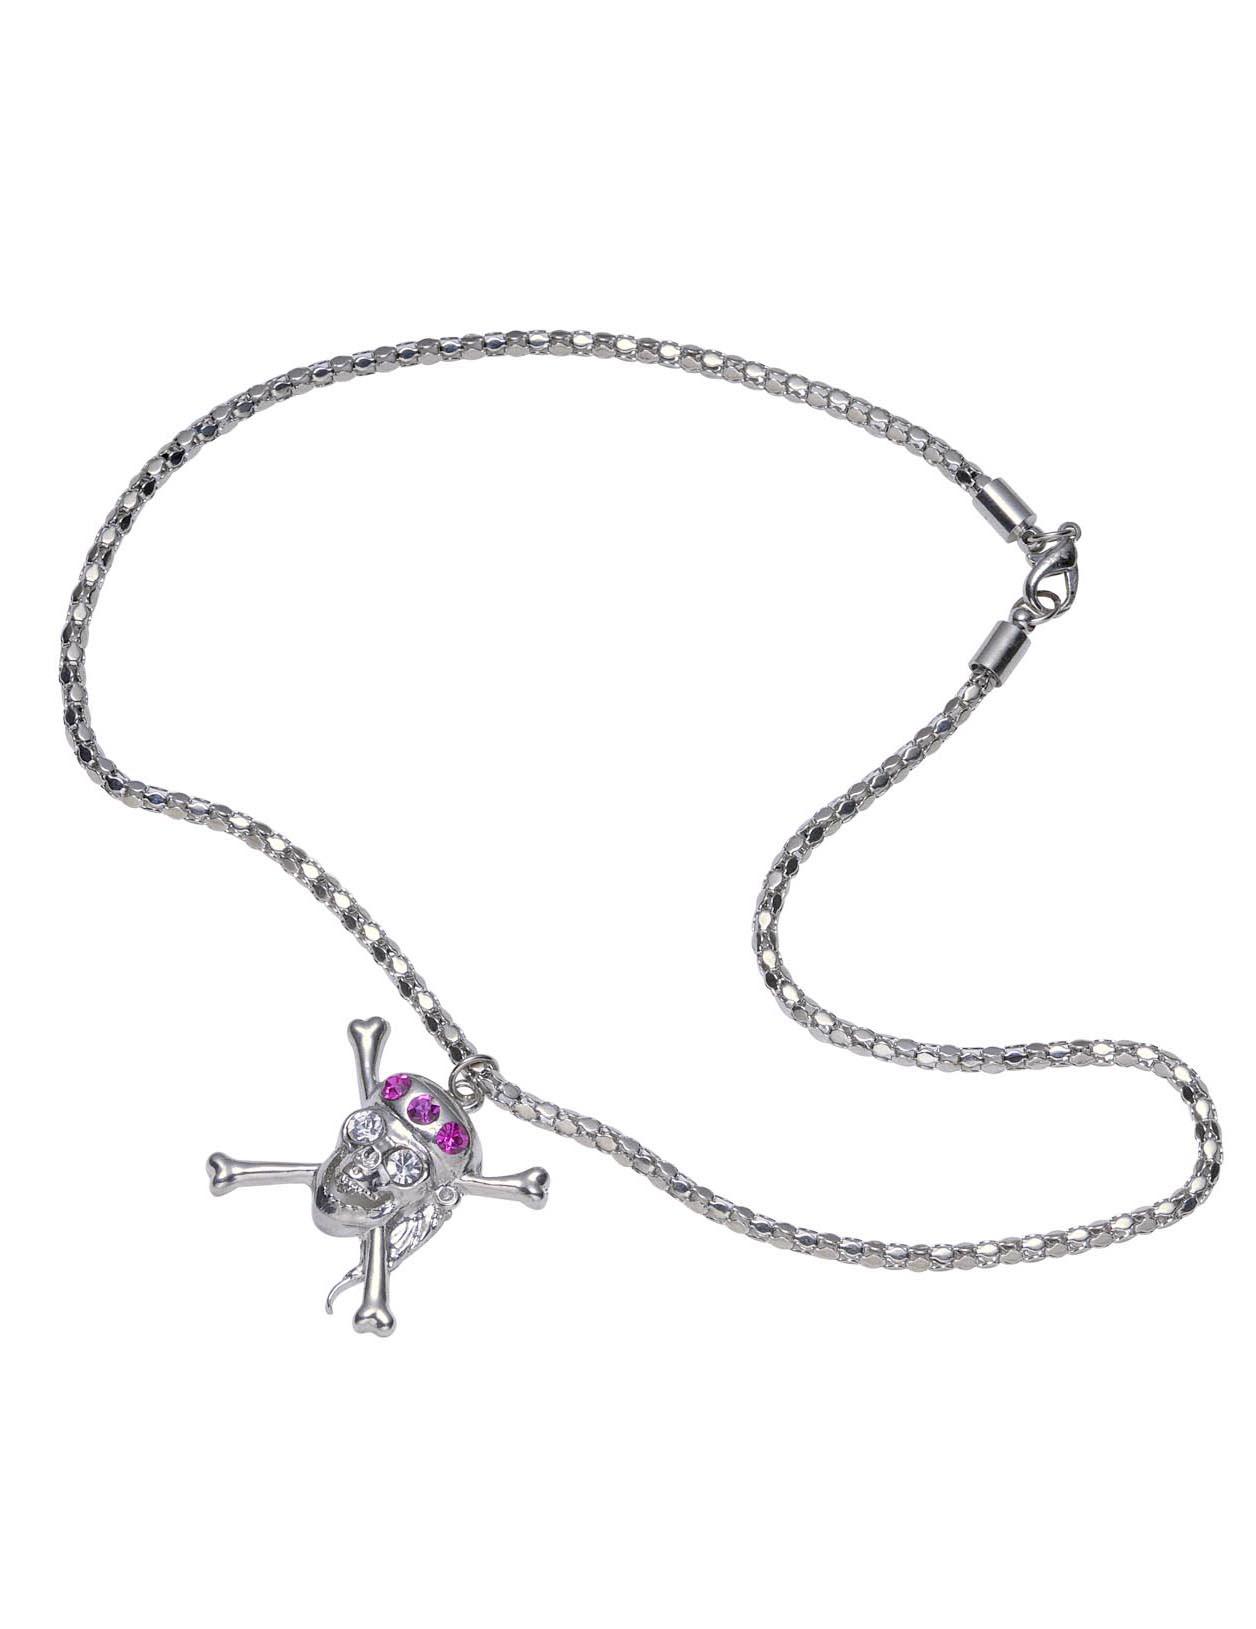 8b551622cc52 Collar de pirata para mujer  Accesorios